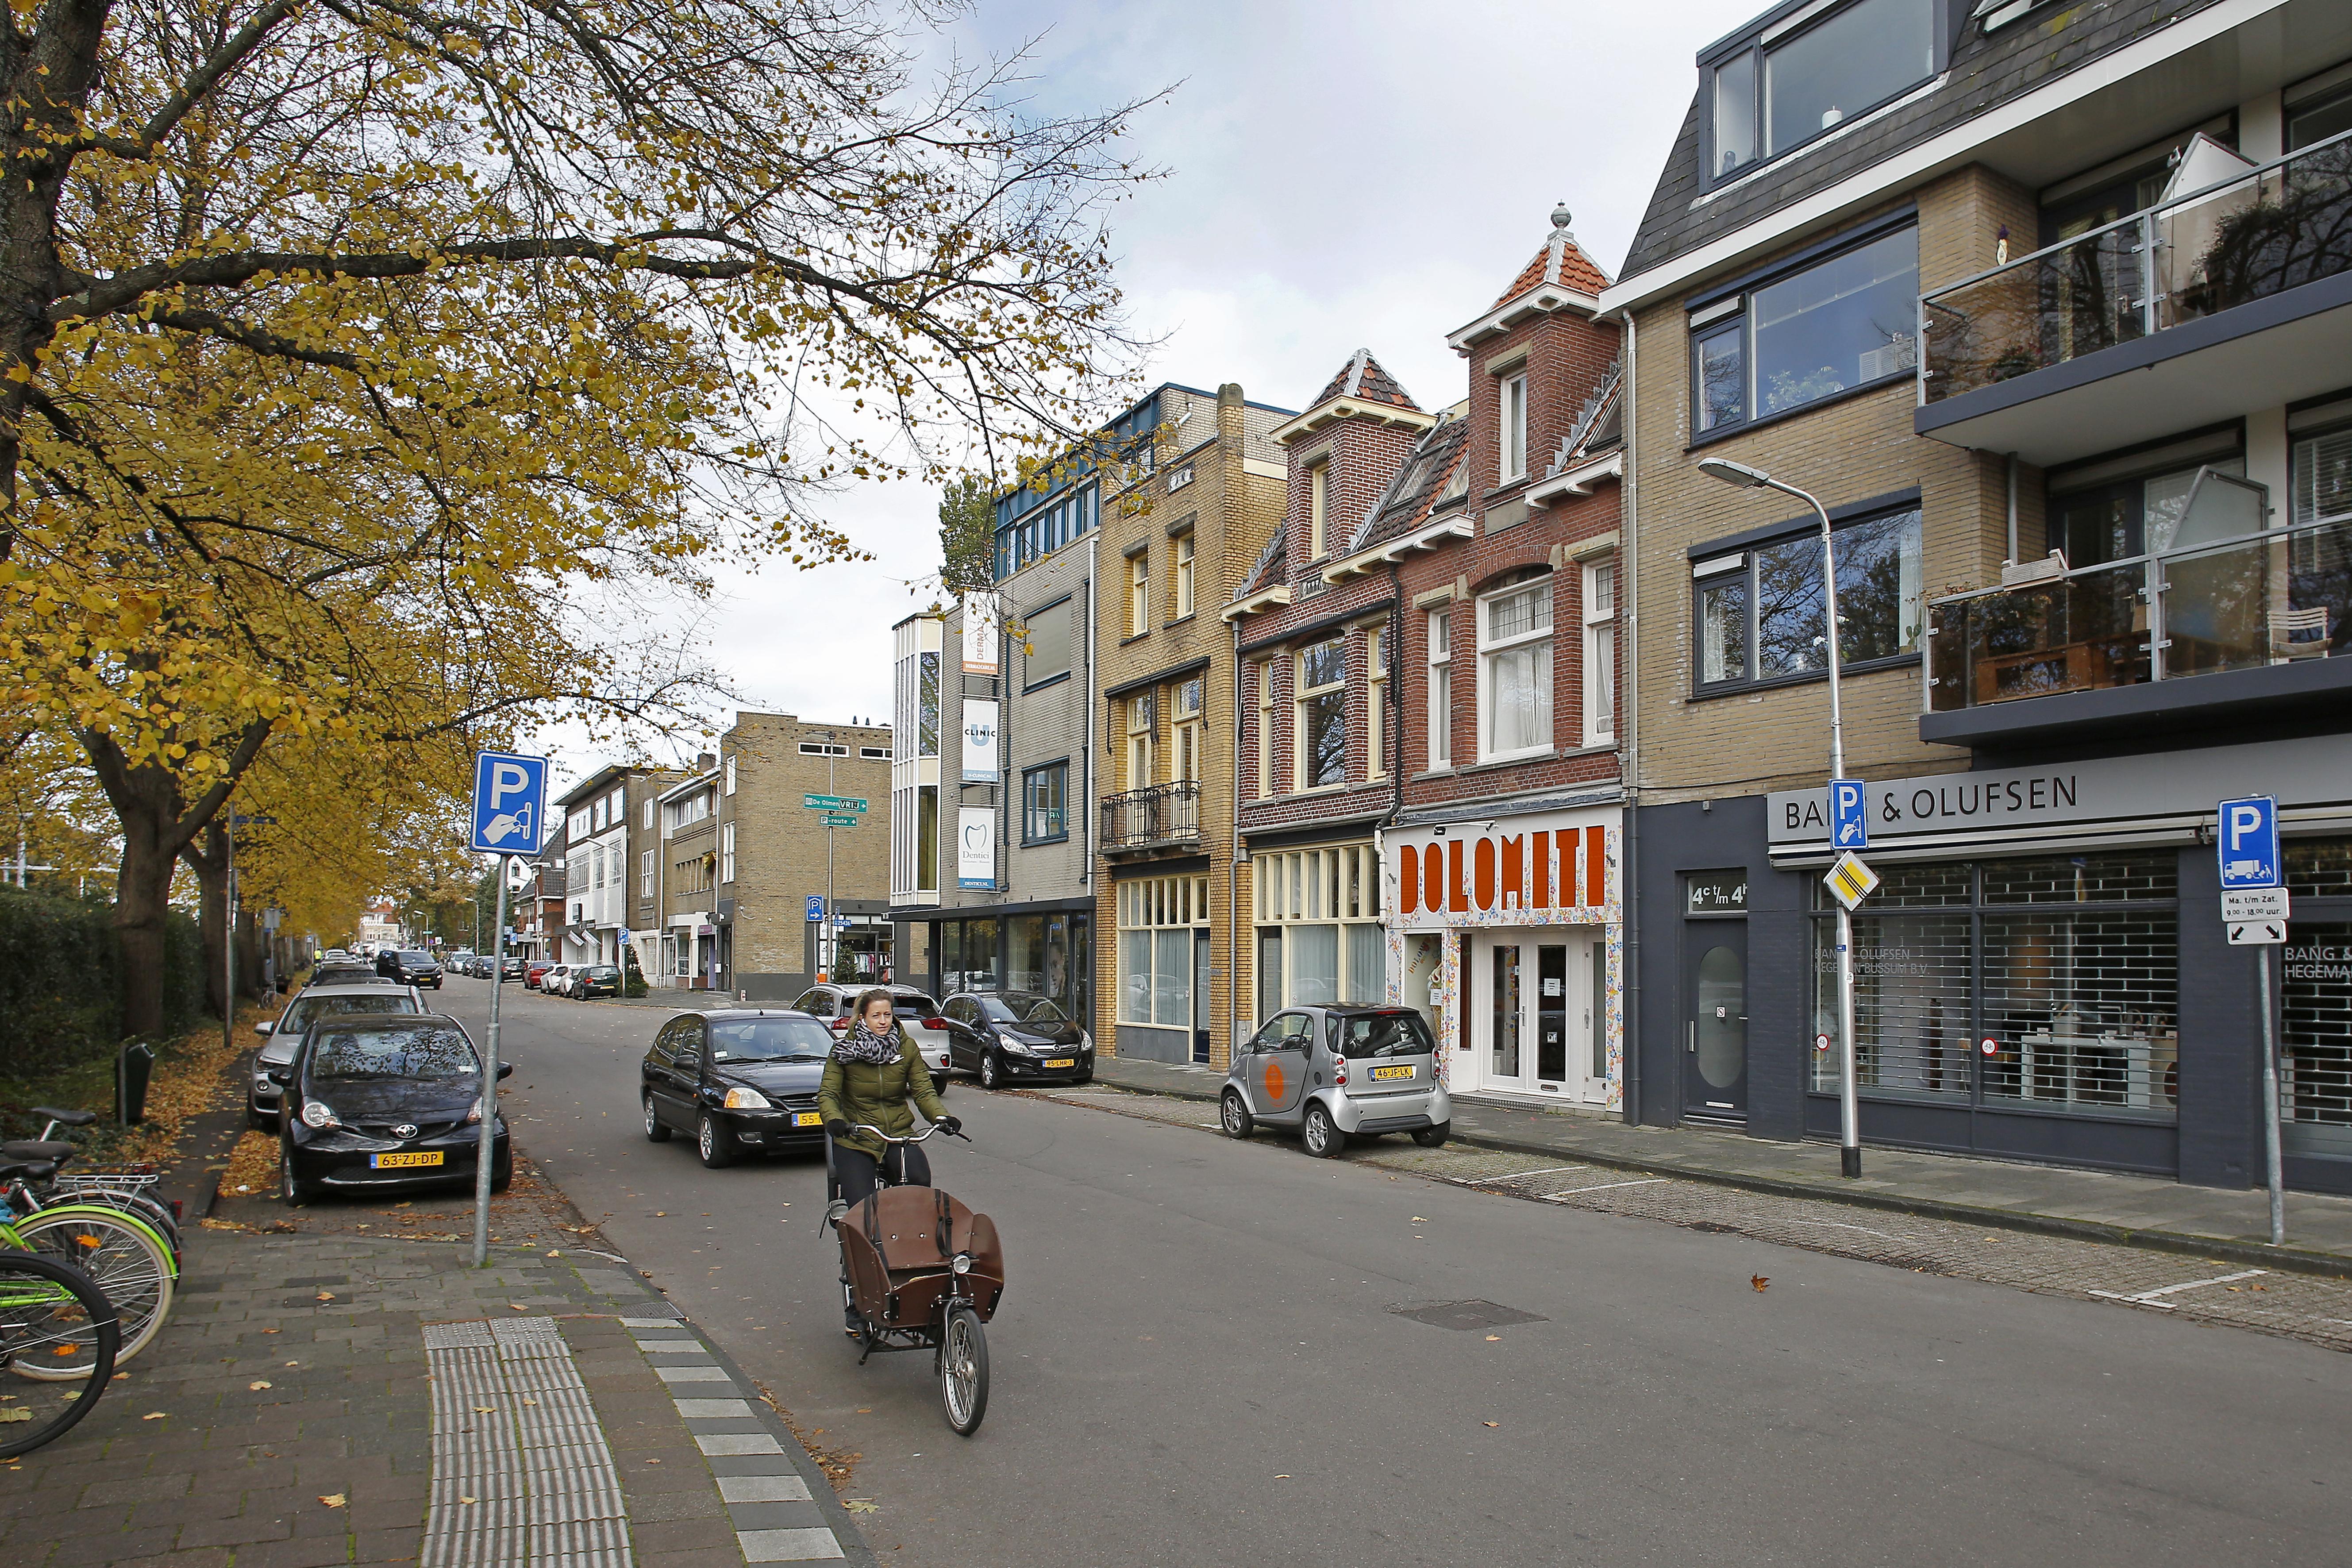 Opknapbeurt Vlietlaan Bussum kan eindelijk beginnen; College moet wel al het mogelijke doen om bomen te verplaatsen in plaats van te kappen